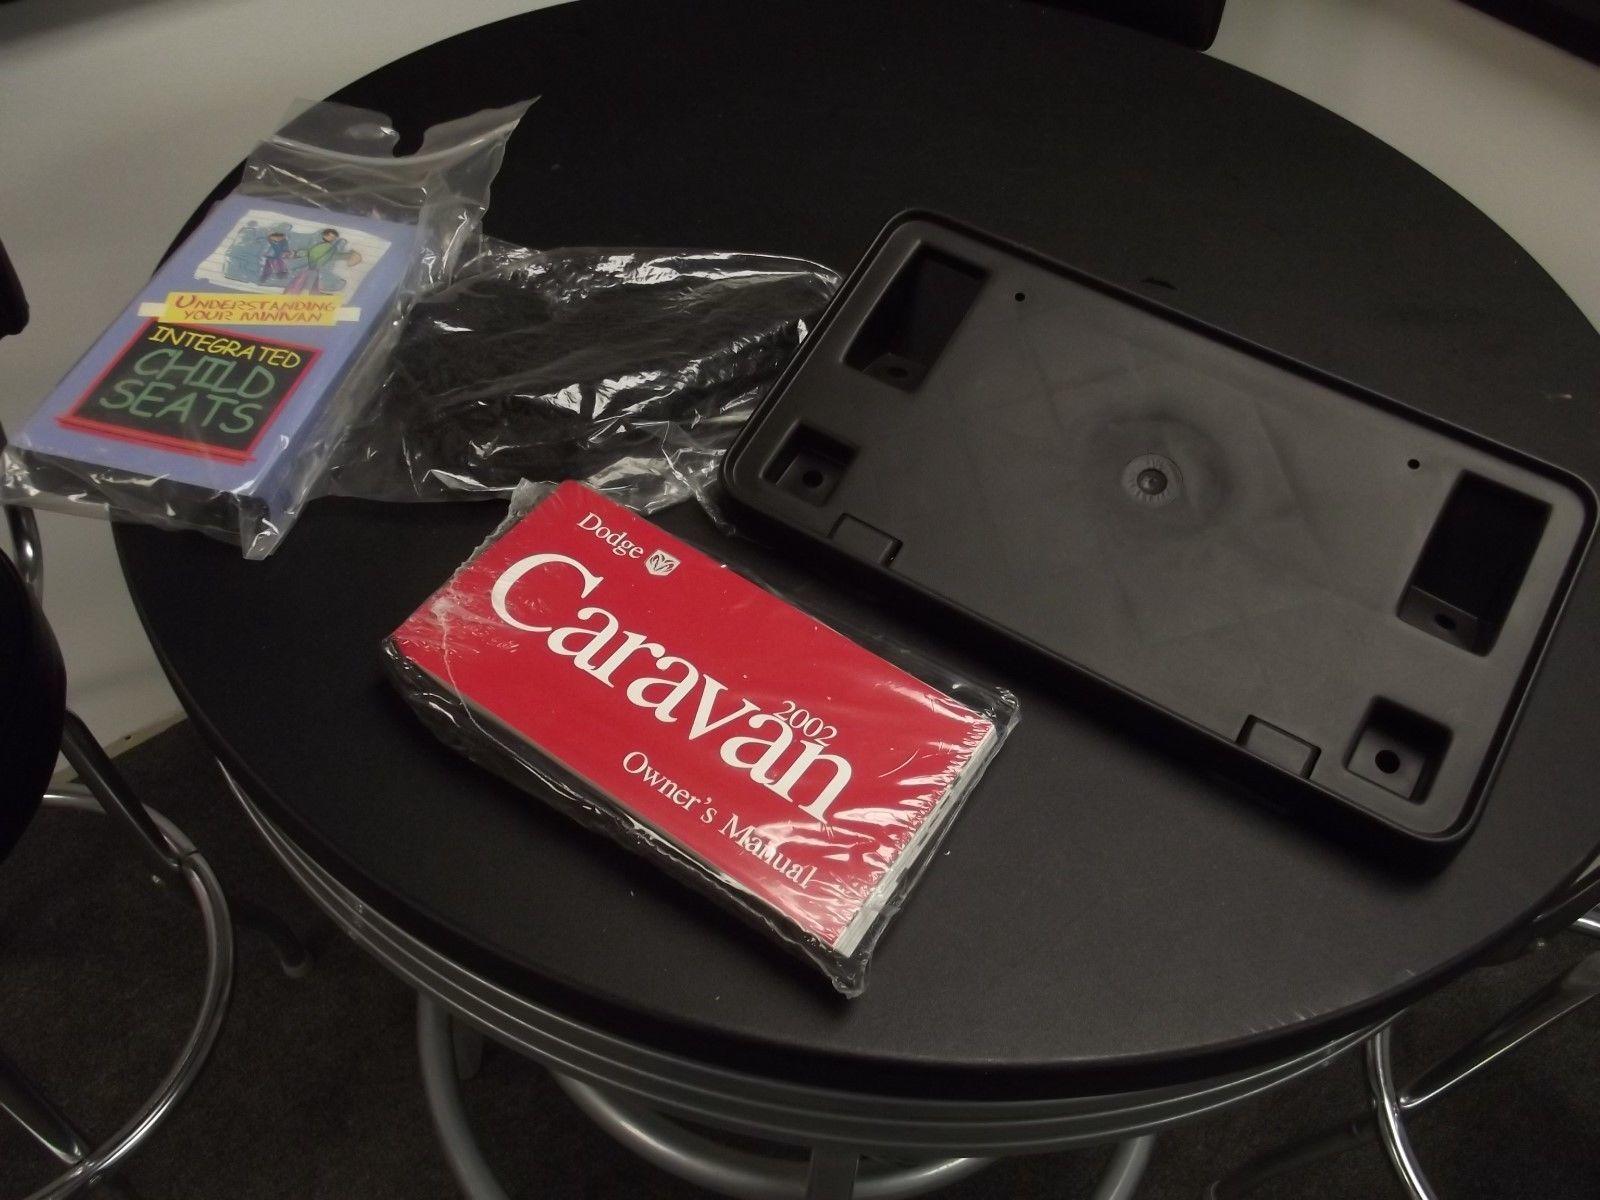 Original 2002 Dodge Caravan Owners Manual Kit Set Case With License Plate holder - $34.65